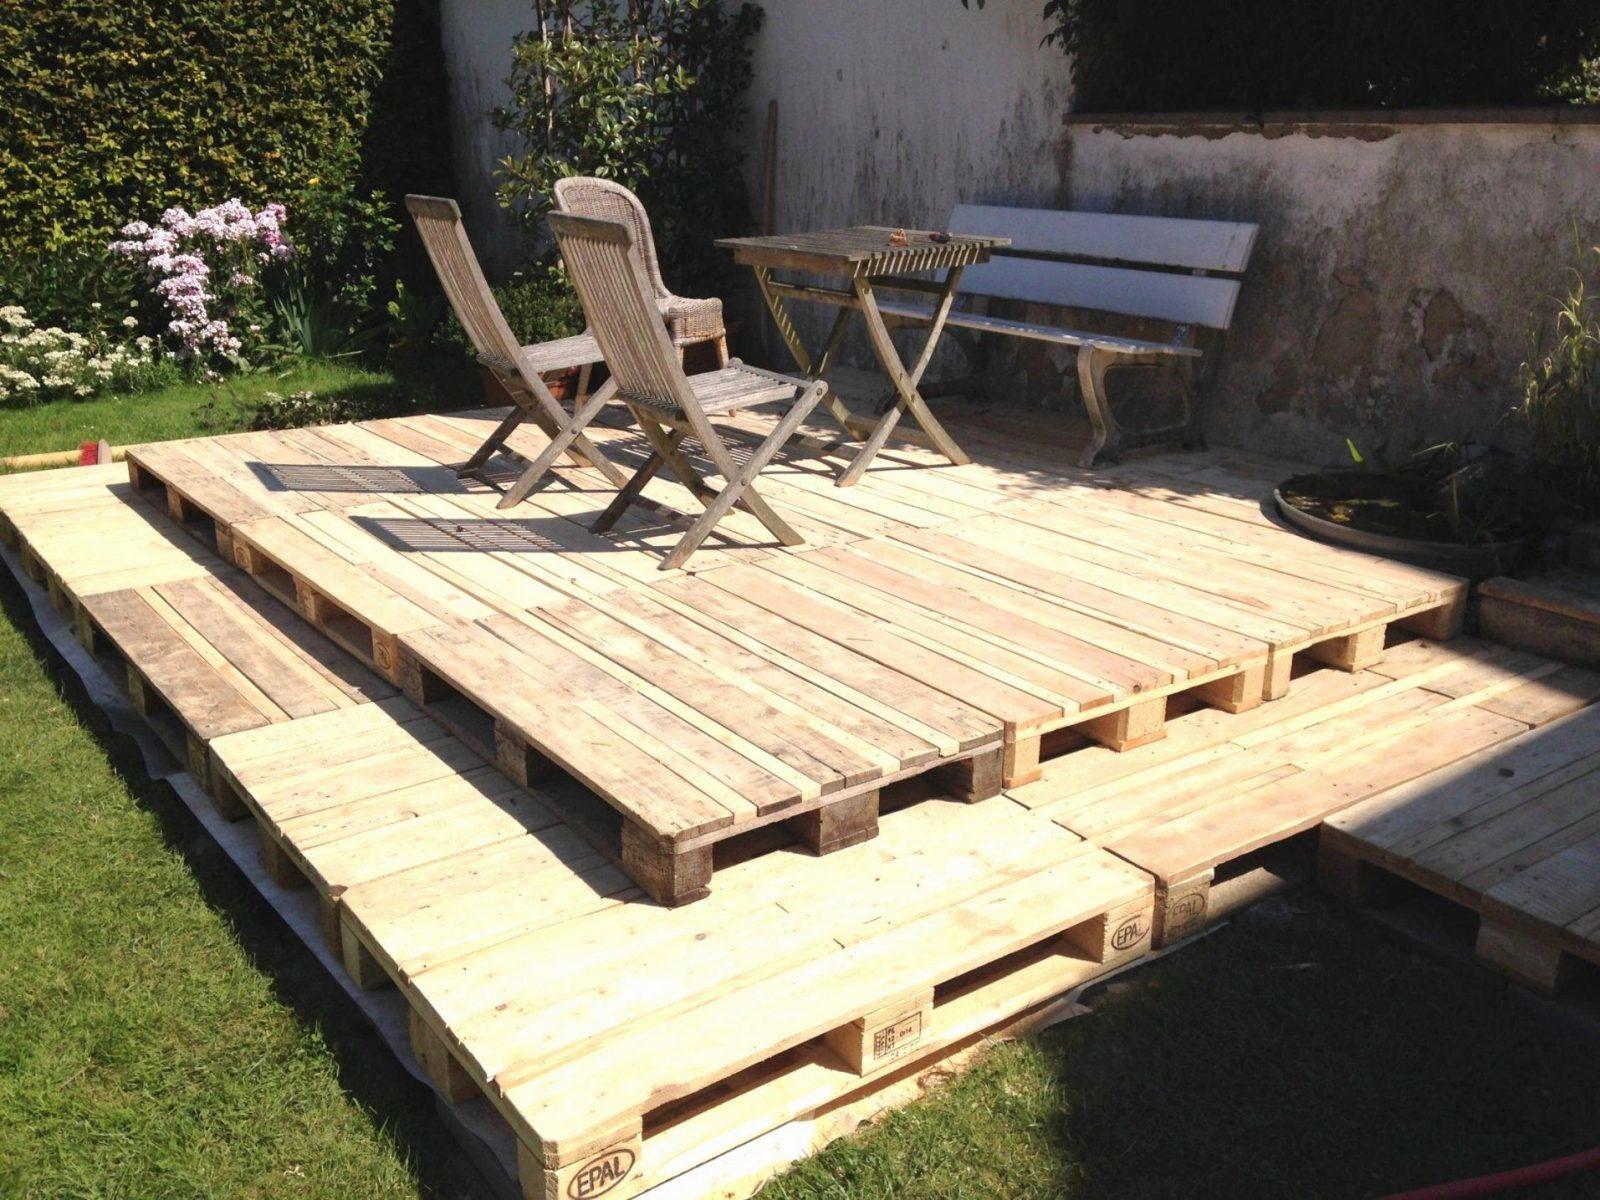 Terrasse Selber Bauen Aus Paletten Frisch Garten Sichtschutz Garten von Terrasse Bauen Mit Europaletten Photo